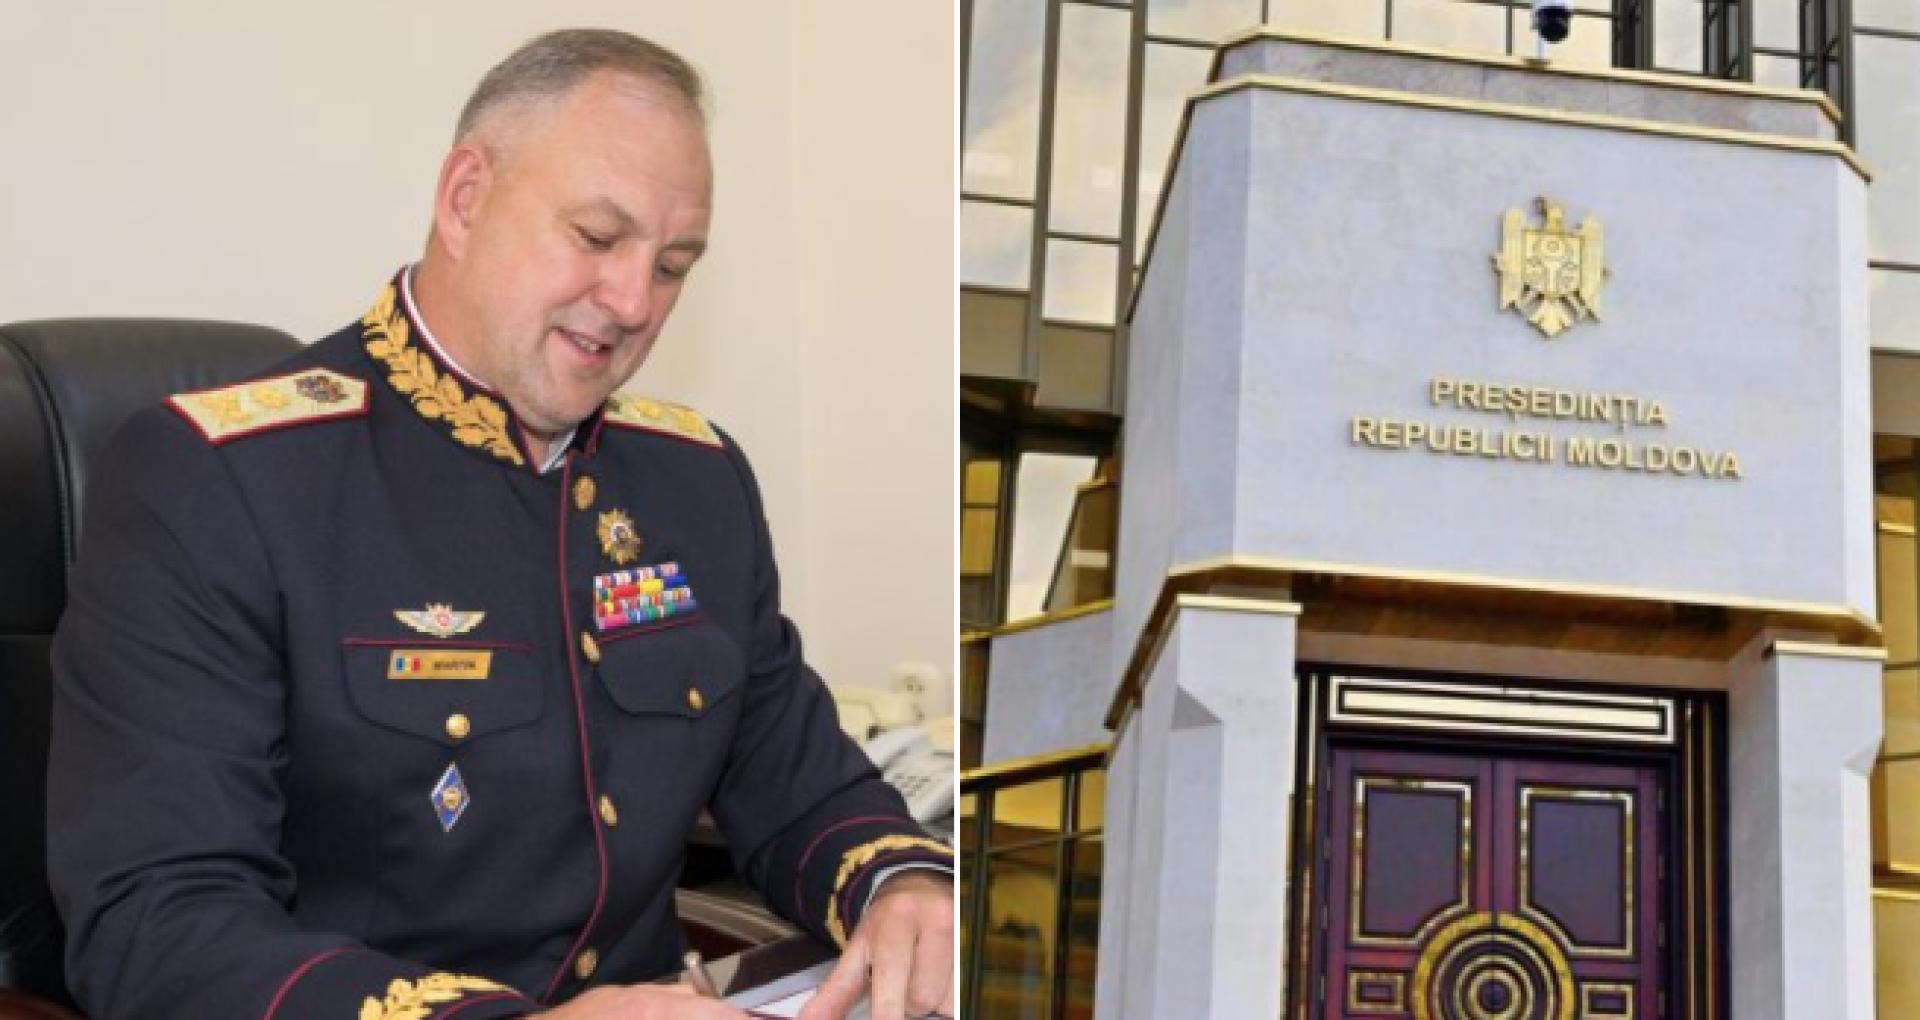 DOC/ Fostul șef al SPPS cu uniformă de general ornată cu fire aurite a acționat-o în judecată pe președinta Sandu: solicită anularea decretului prin care a fost demis din funcția de director al Serviciului. Reacția Președinției